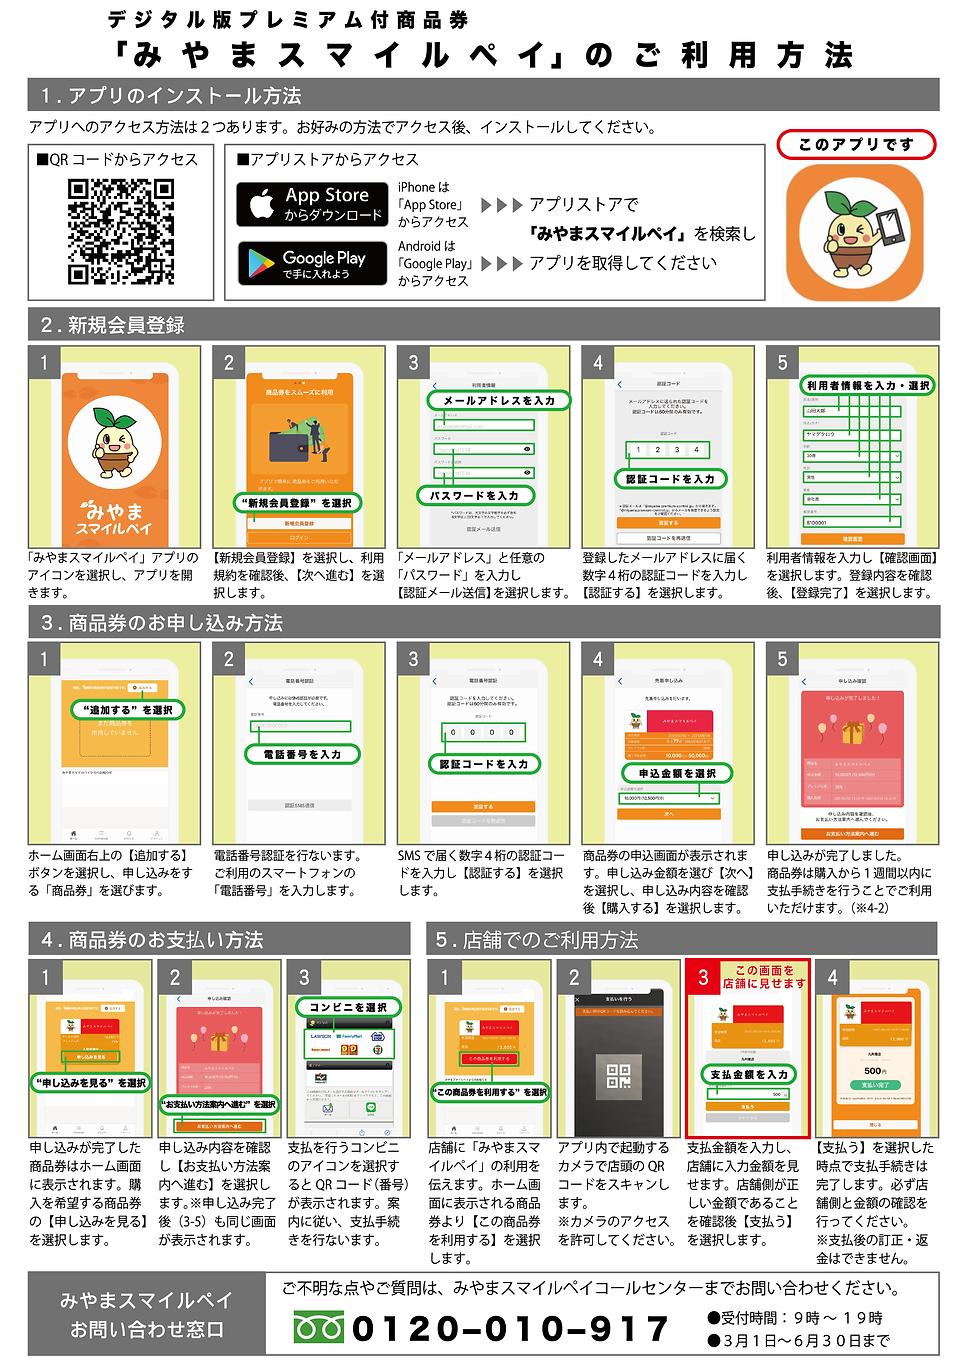 みやま市_アプリ利用ガイド_210216-01.png